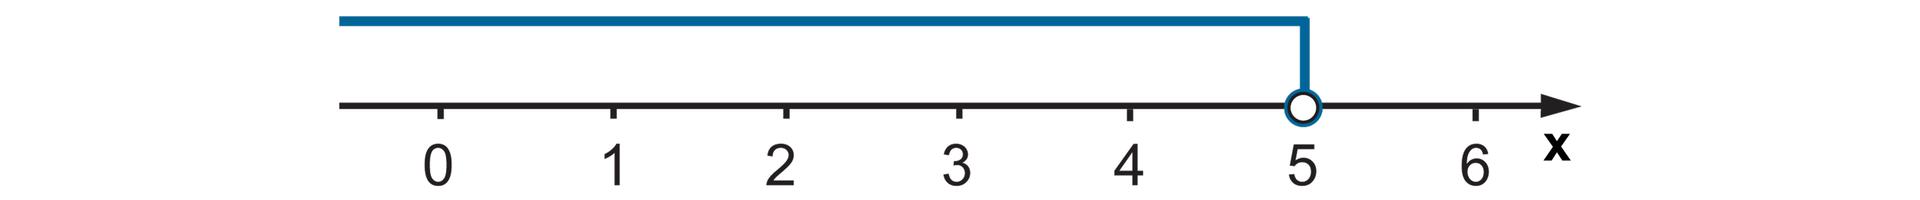 Rysunek osi liczbowej zzaznaczonymi punktami od 0 do 6. Niezamalowane kółko wpunkcie 5 izaznaczone wszystkie liczby wlewo od 5.